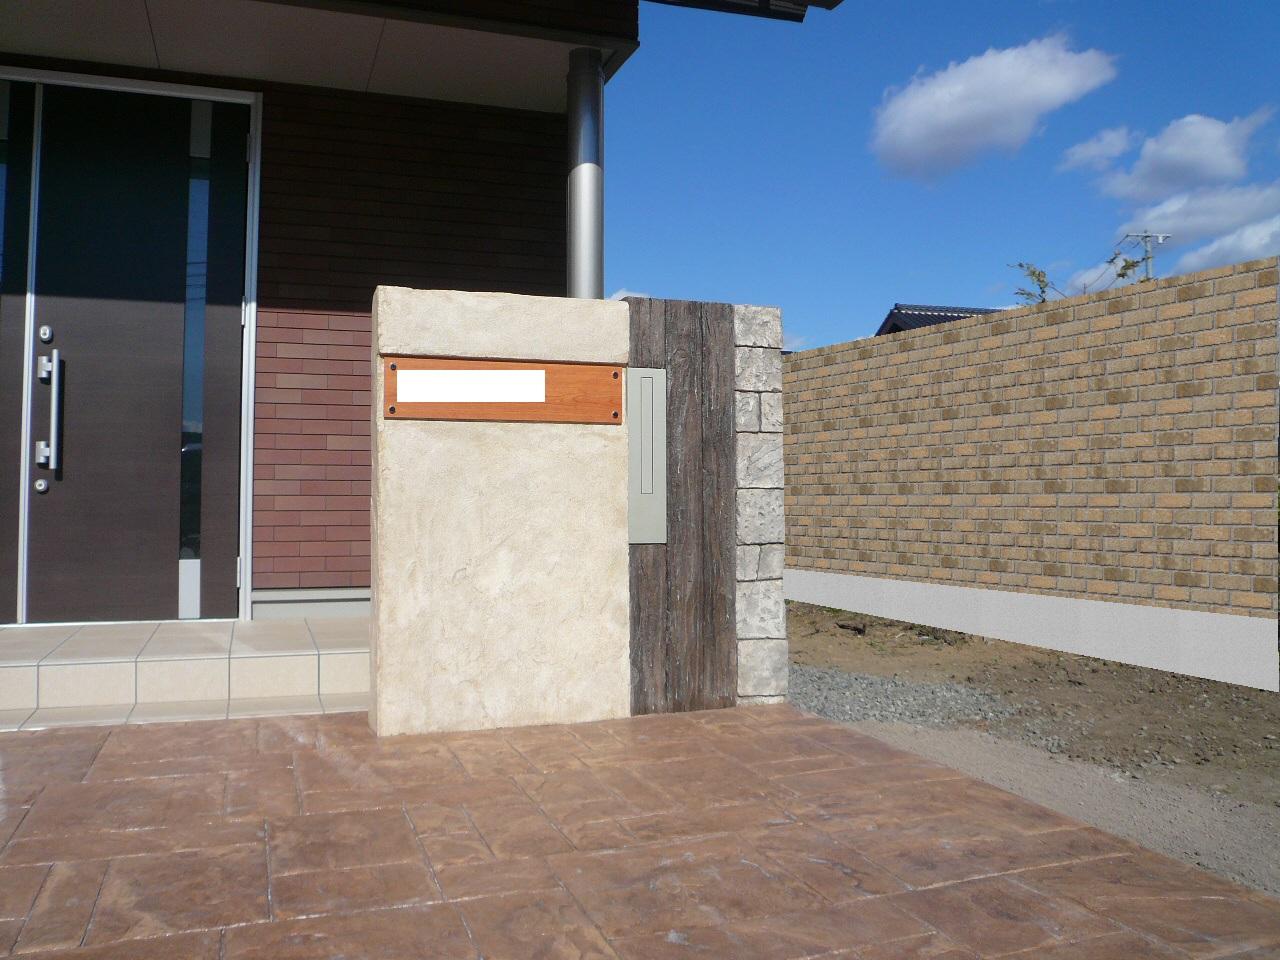 モルタル造形 モルタル造形の門柱